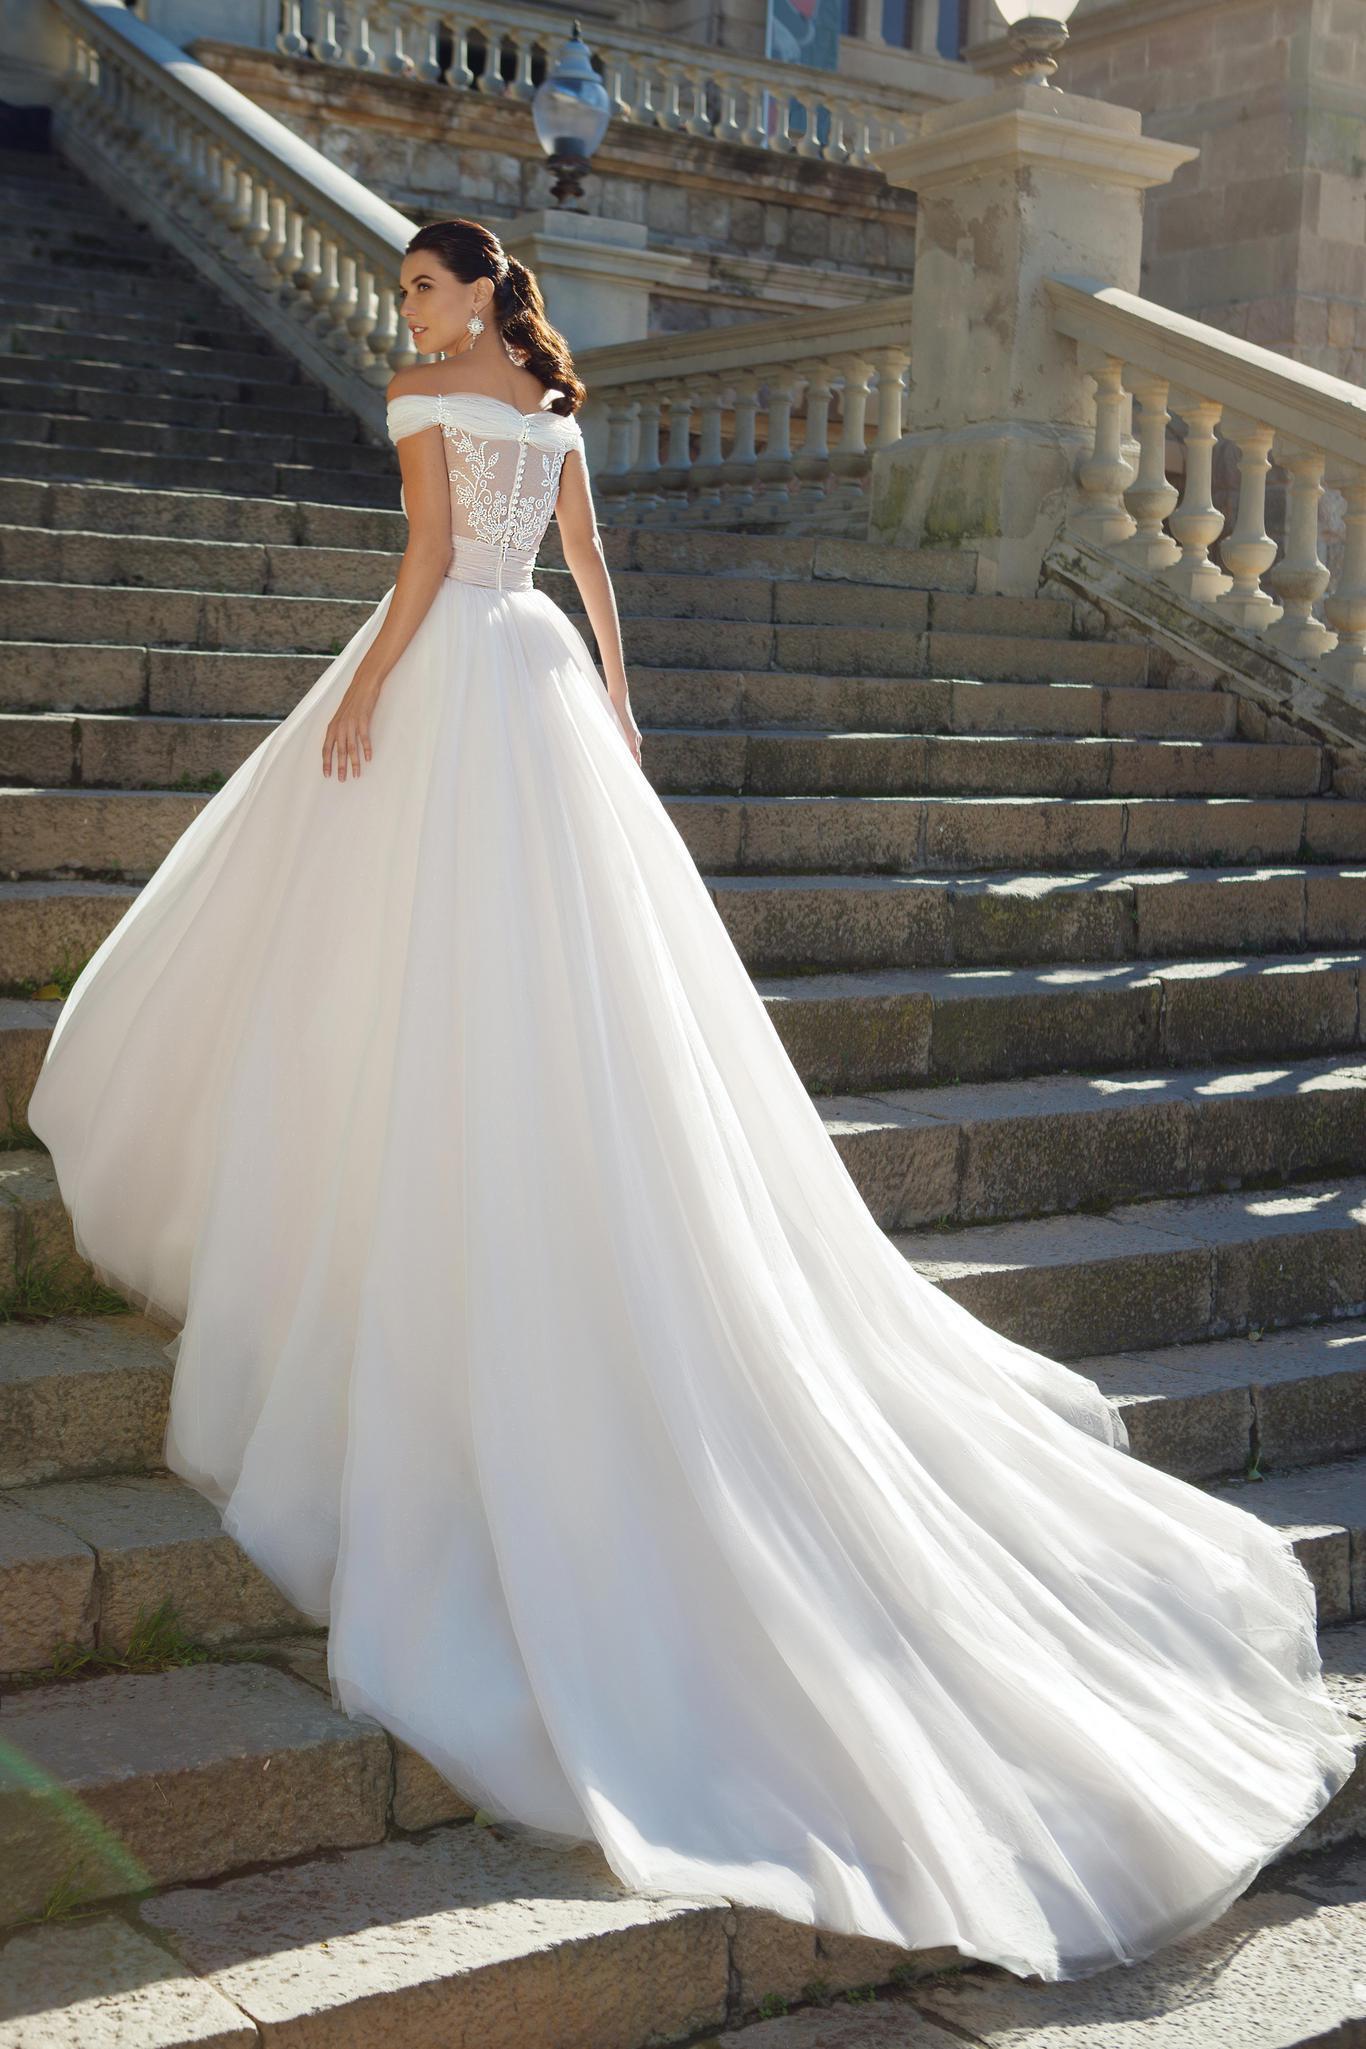 элегантный силуэт очаровательного платья